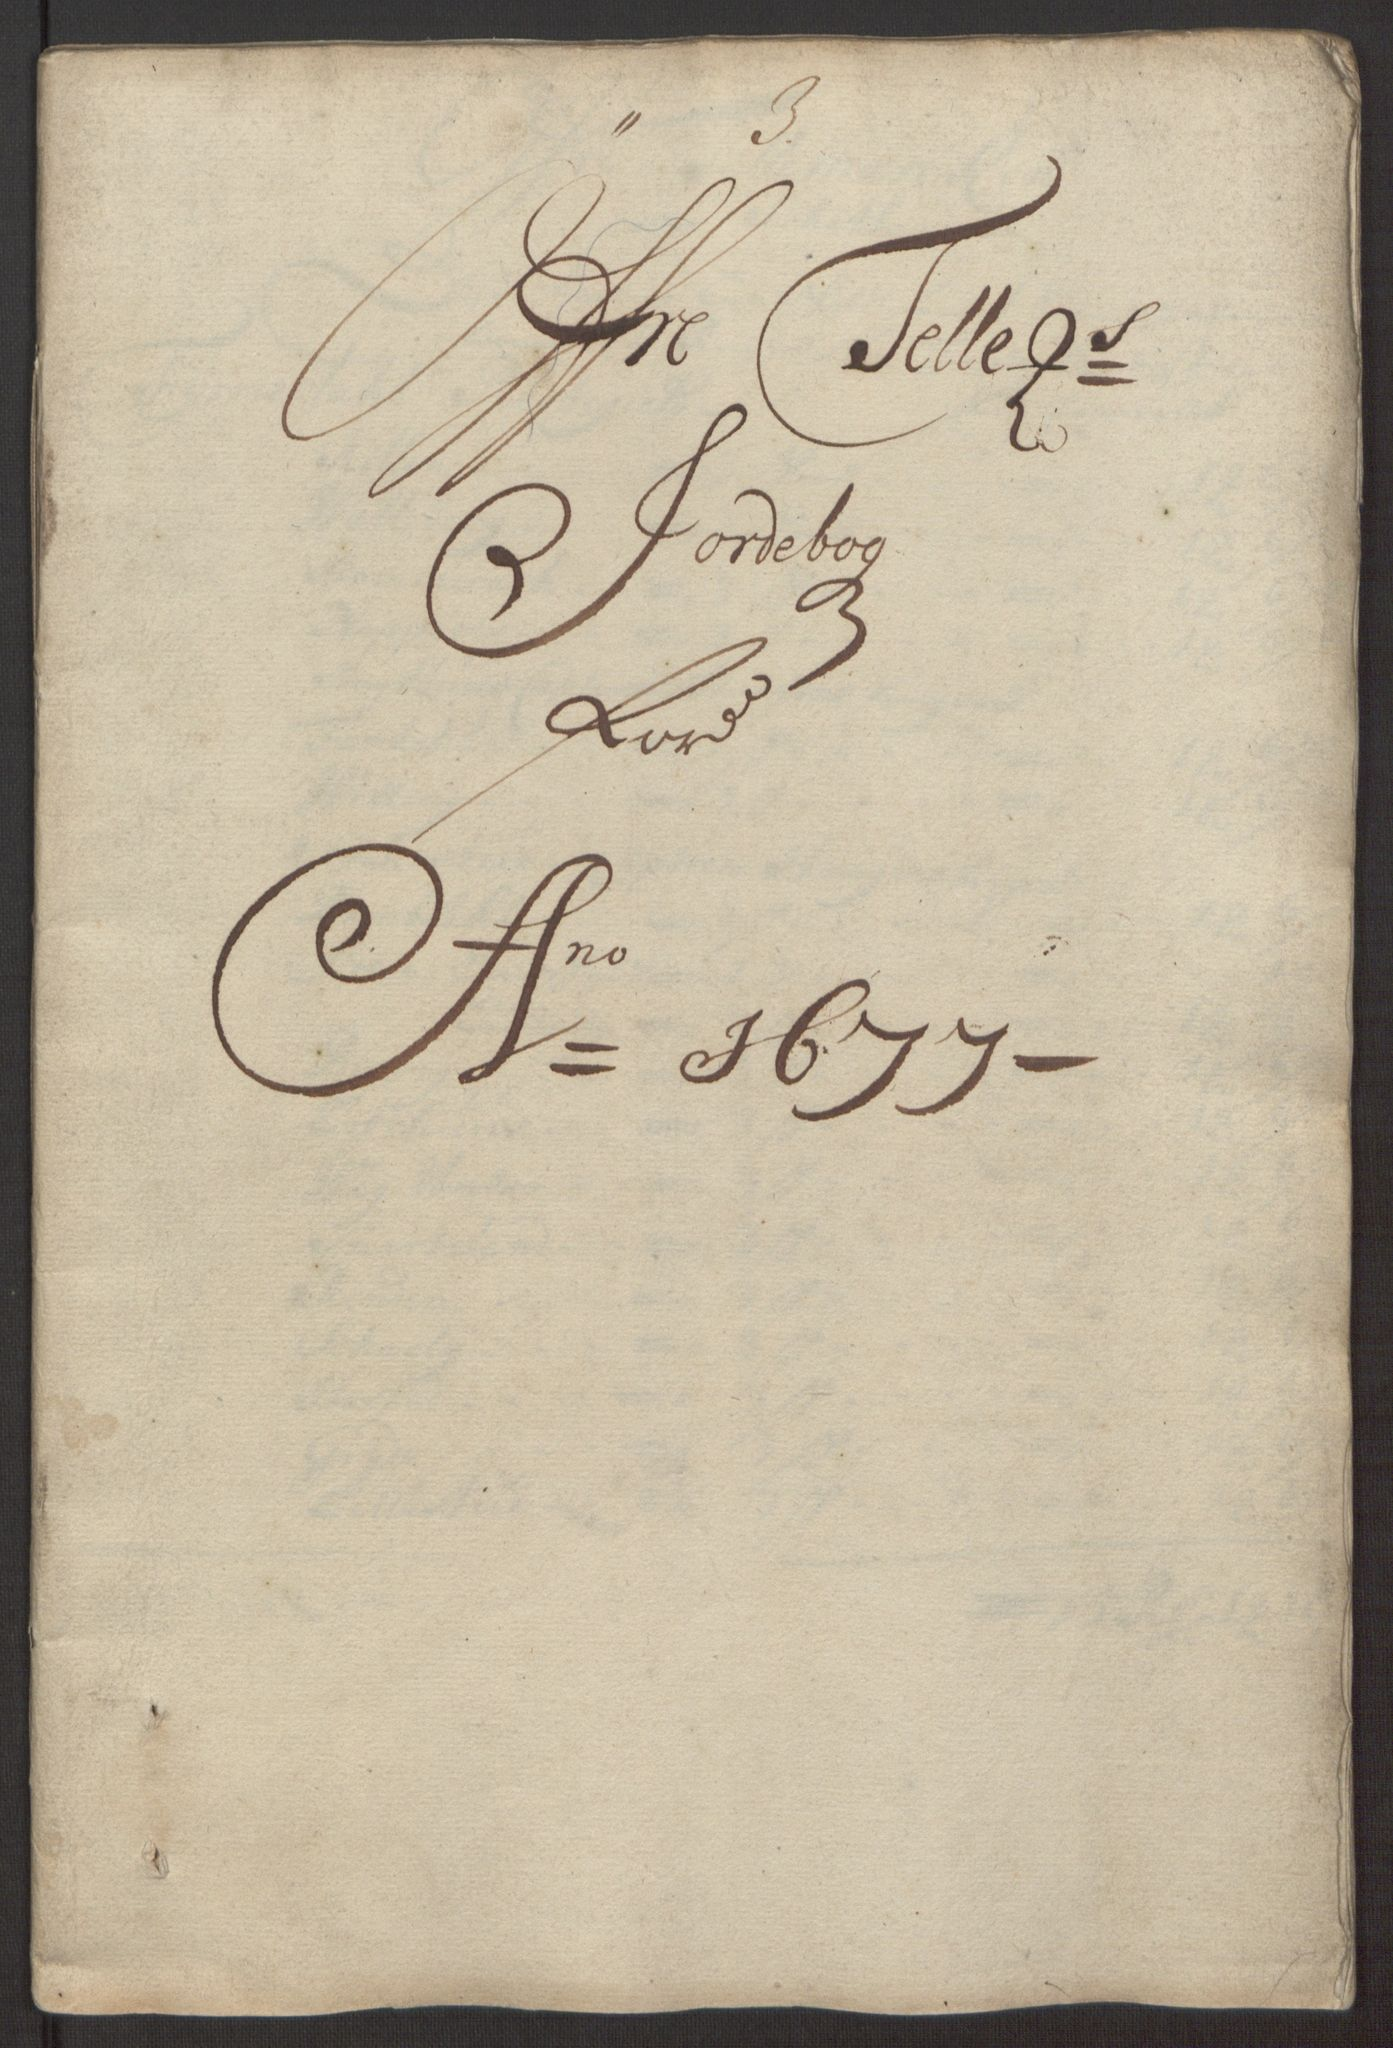 RA, Rentekammeret inntil 1814, Reviderte regnskaper, Fogderegnskap, R35/L2067: Fogderegnskap Øvre og Nedre Telemark, 1677, s. 3